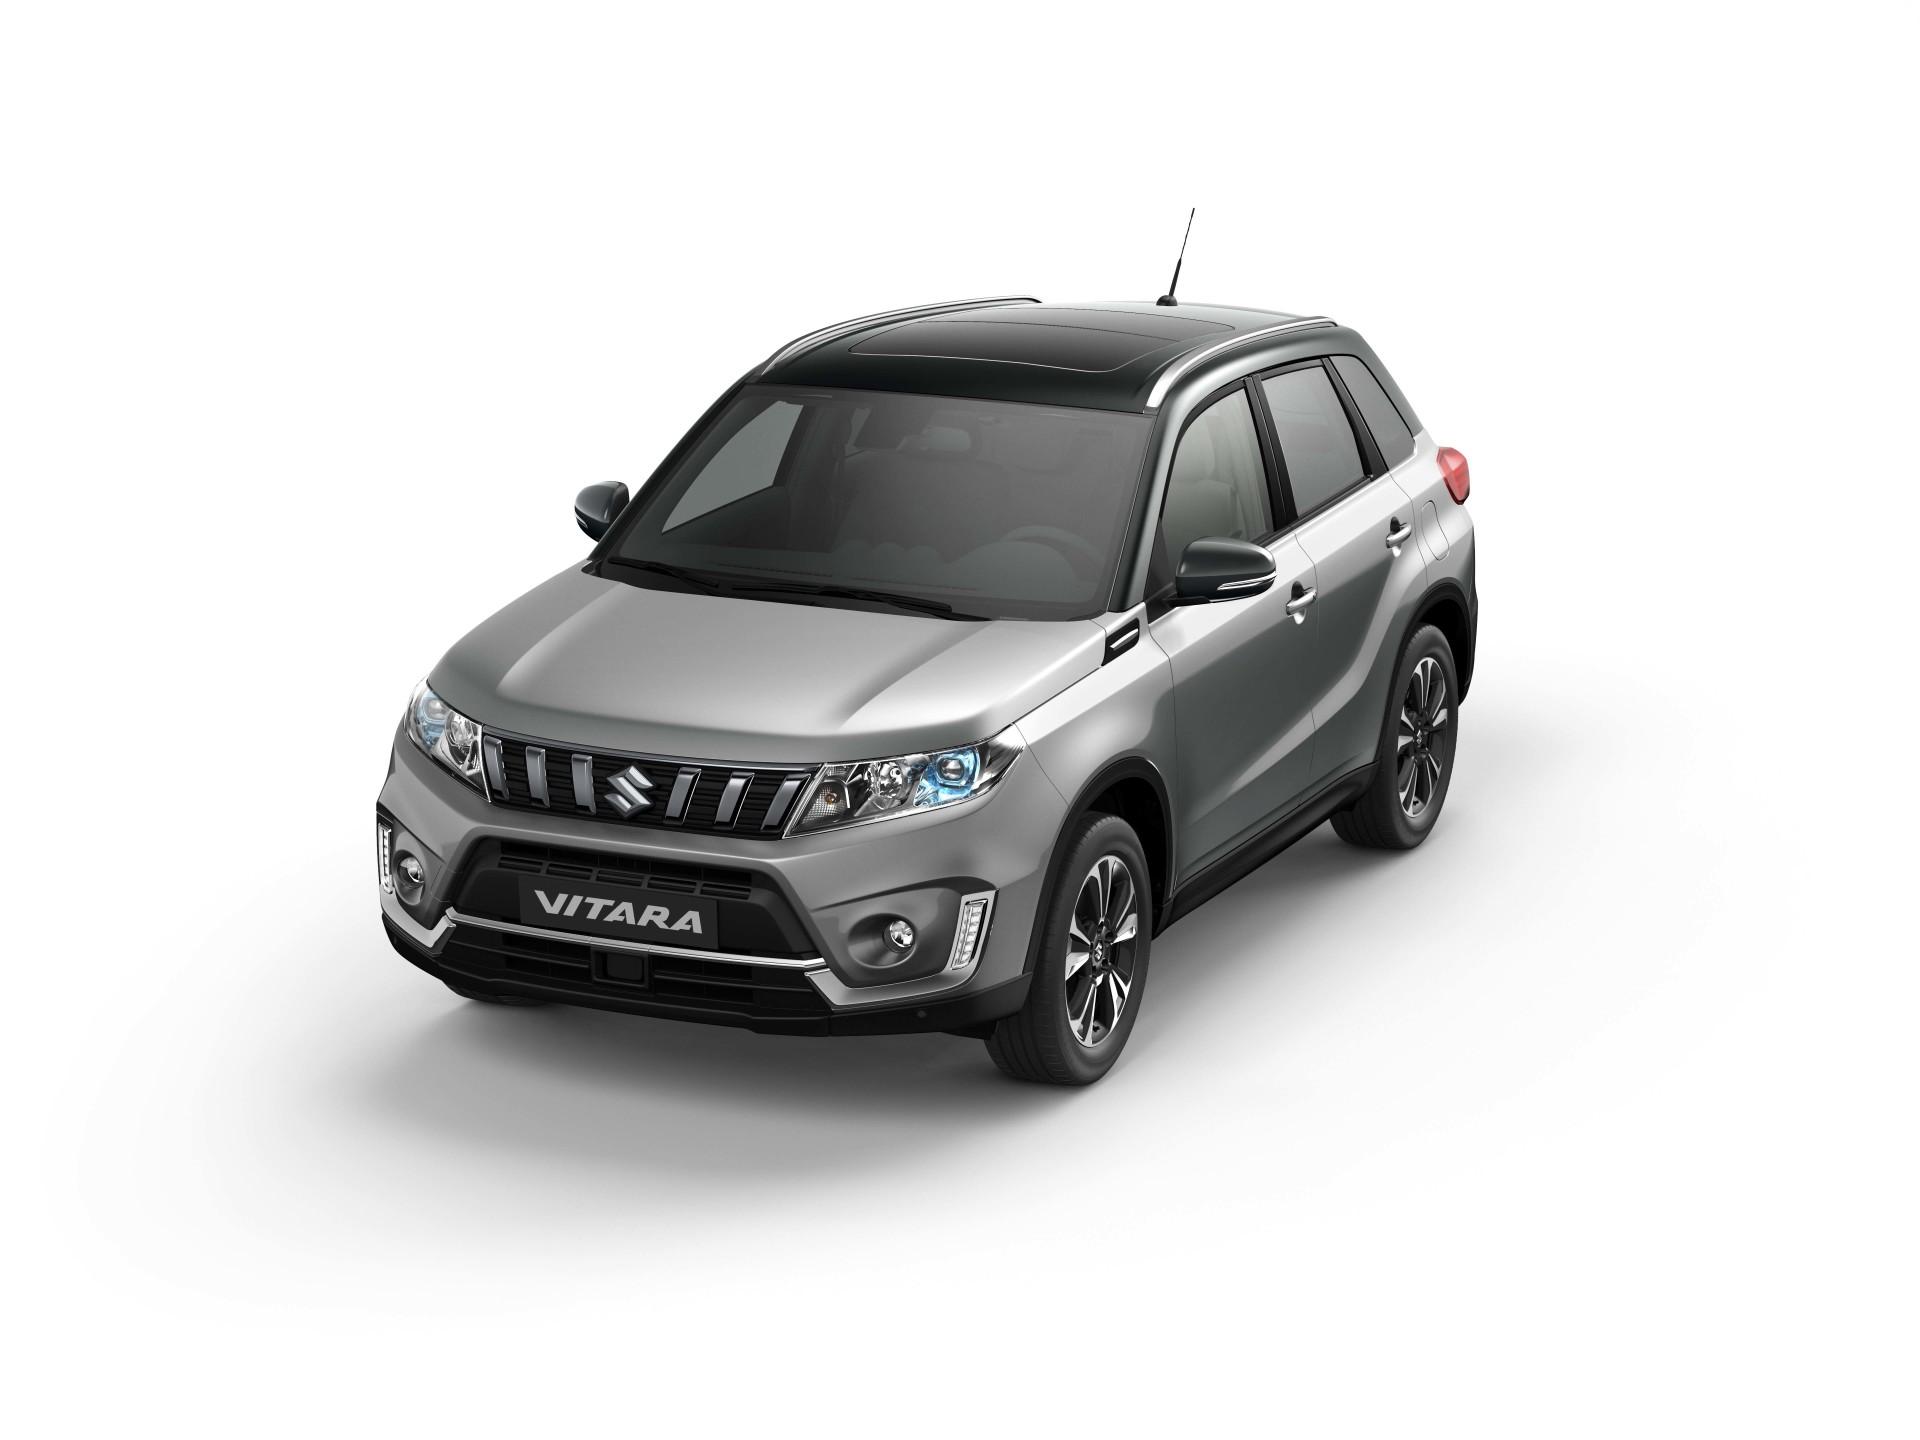 Suzuki Vitara 2018 505